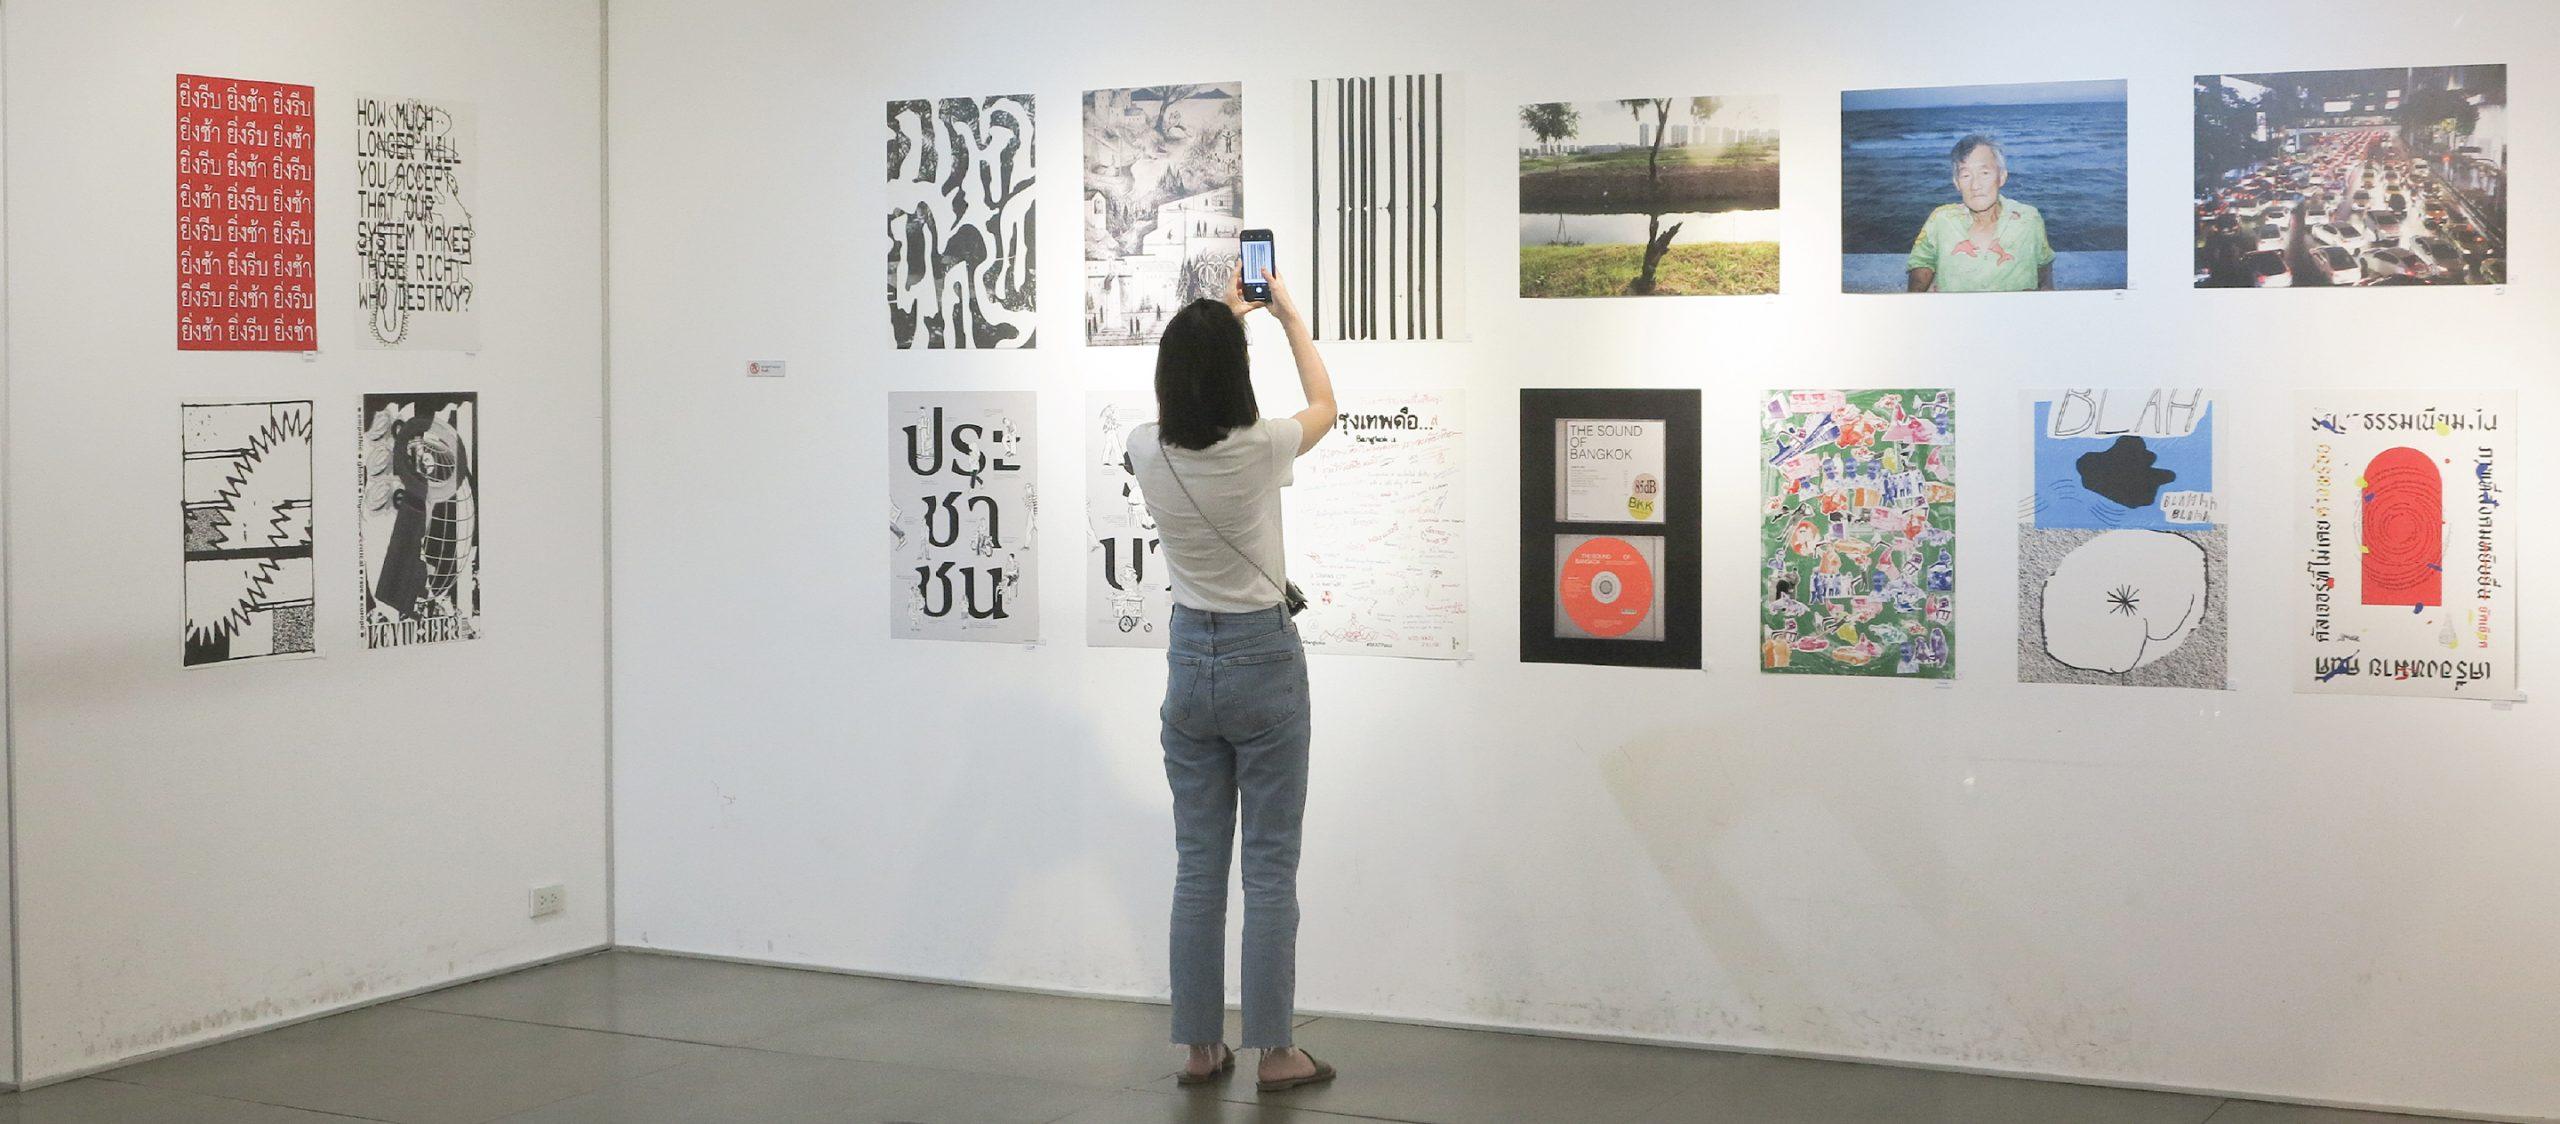 คุยเรื่องศิลปะและยุคสมัยกับ สหวัฒน์ เทพรพ ในบทบาทผู้ก่อตั้ง Kinjai Contemporary